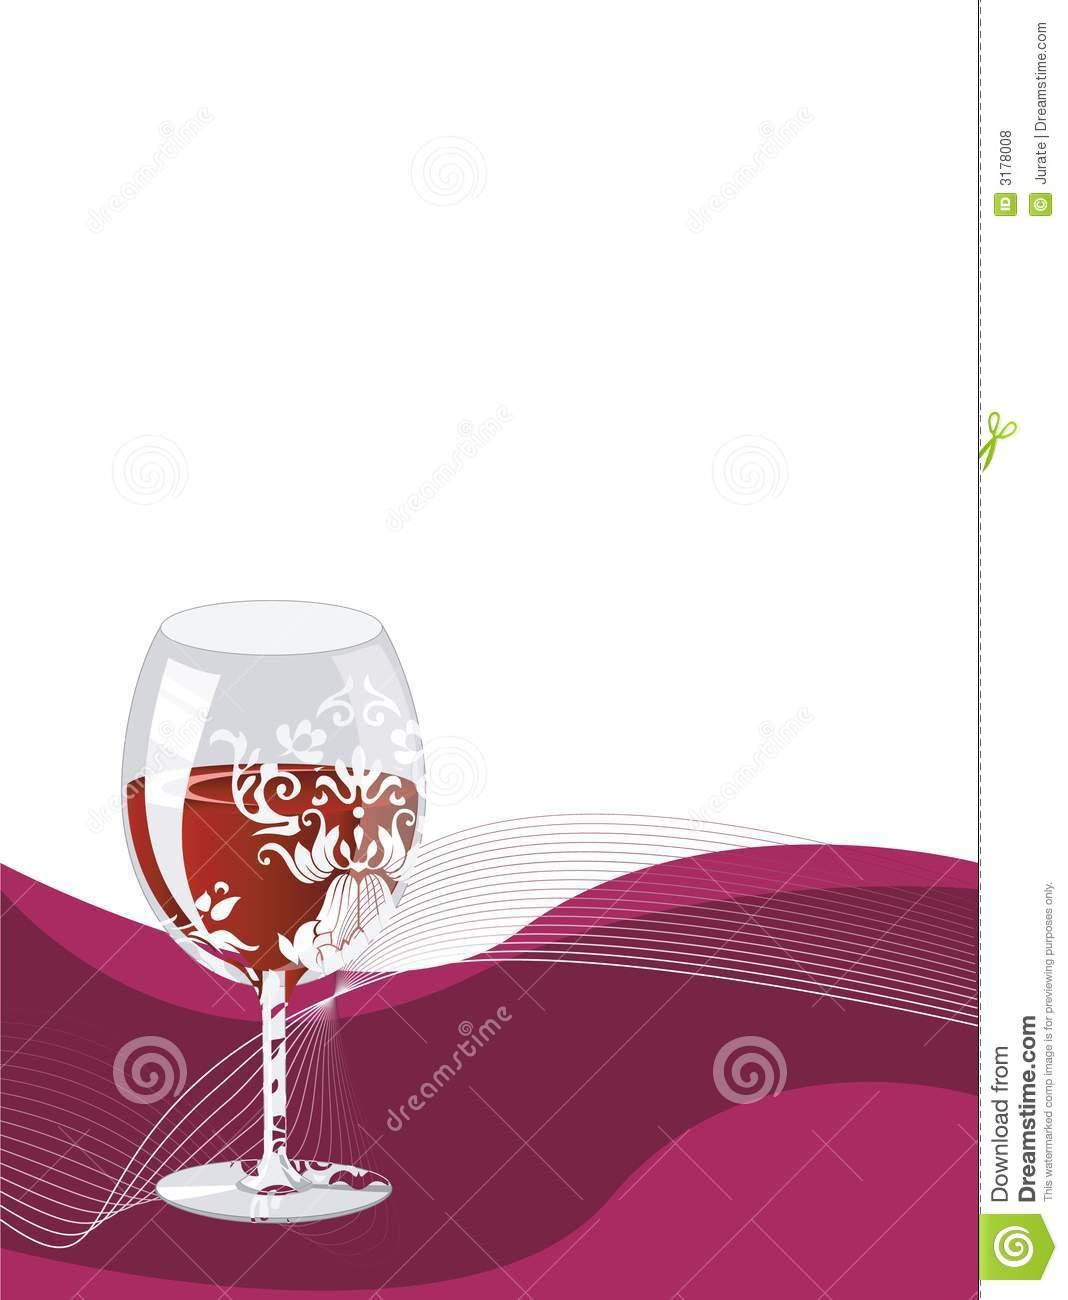 Invitation Template Wine Tasting Images